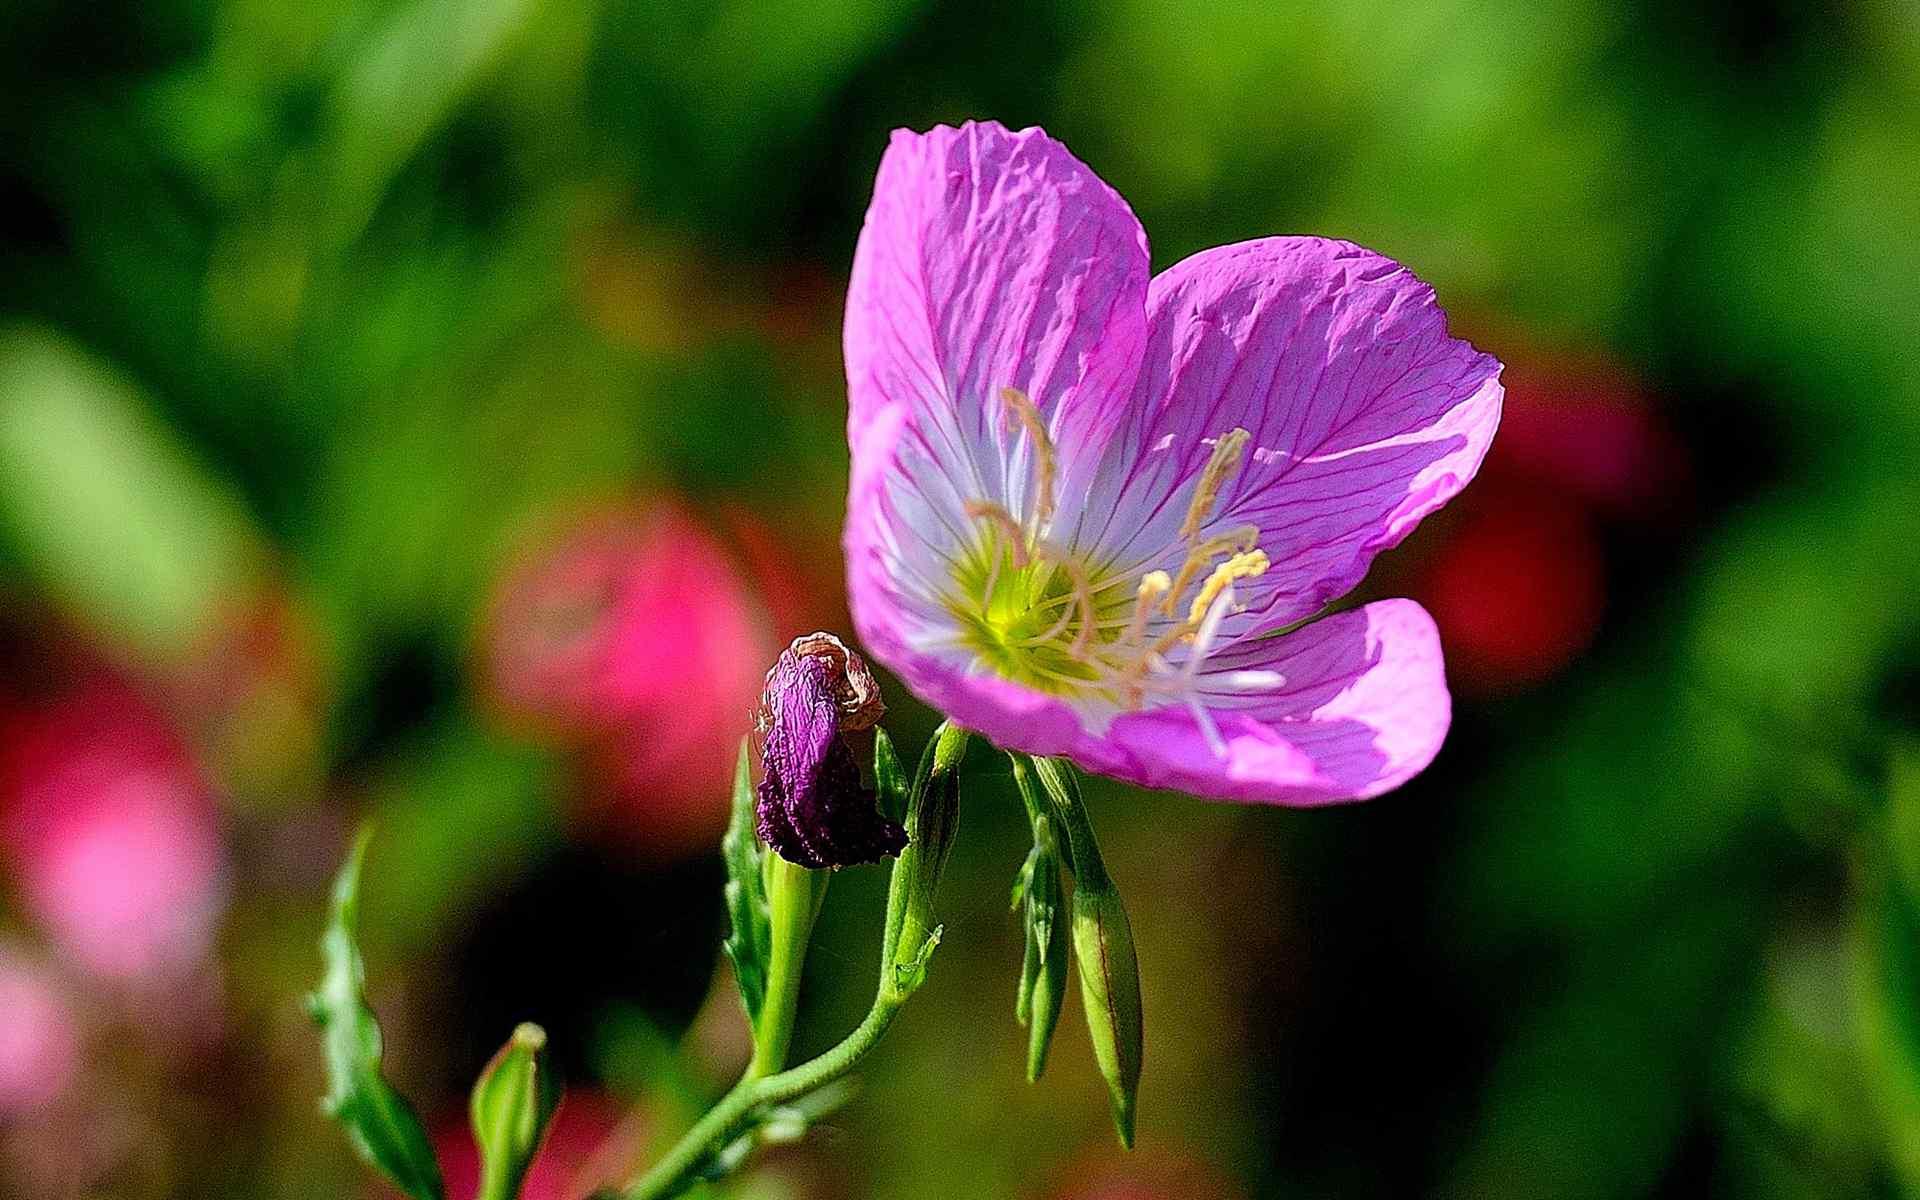 月见草清新植物花卉图片高清壁纸